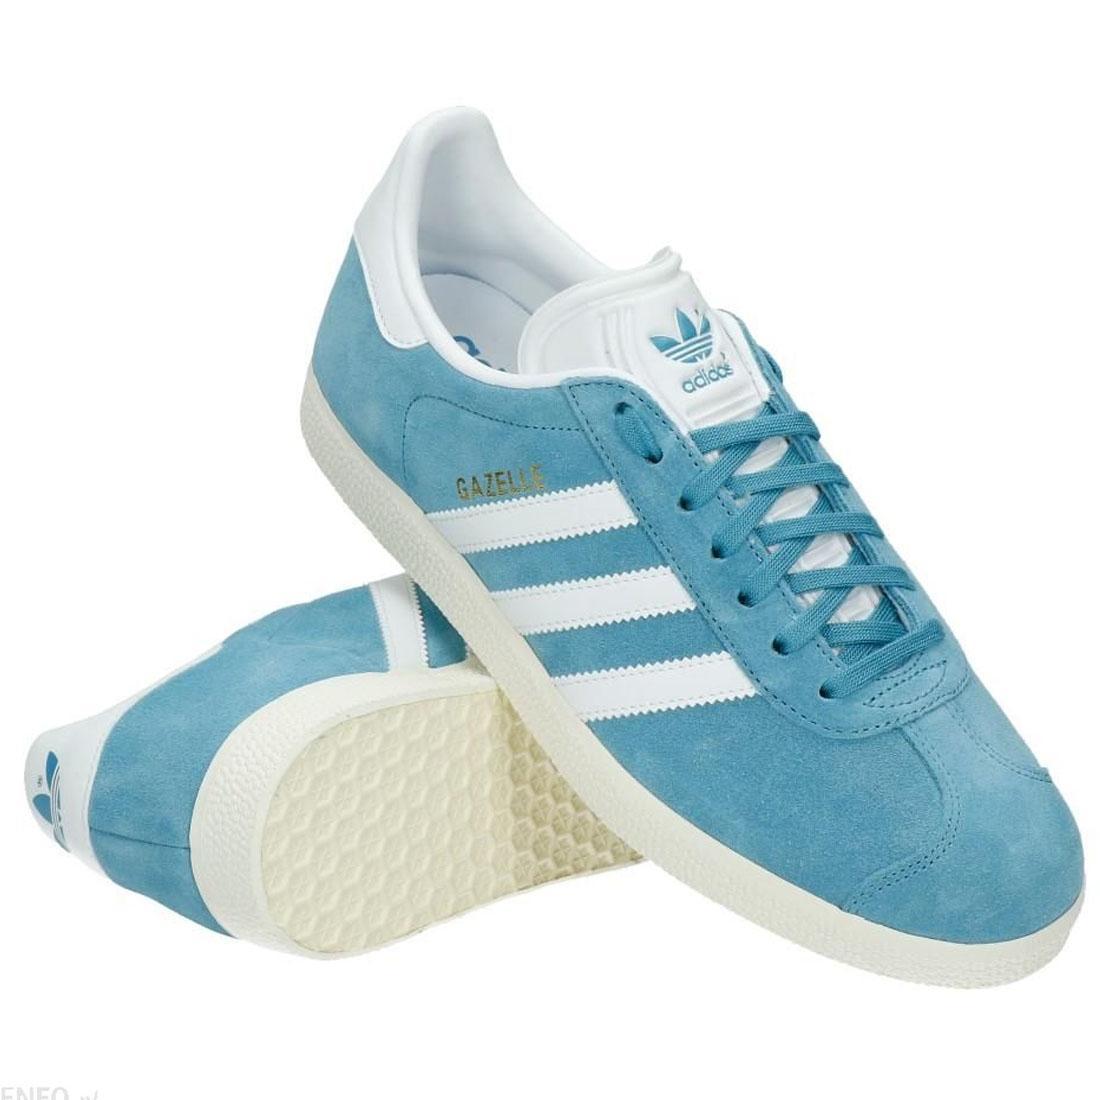 new arrival 1d919 71e98 Adidas originals Gazelle entrenadores azul blanco para hombre zapatos BZ0022